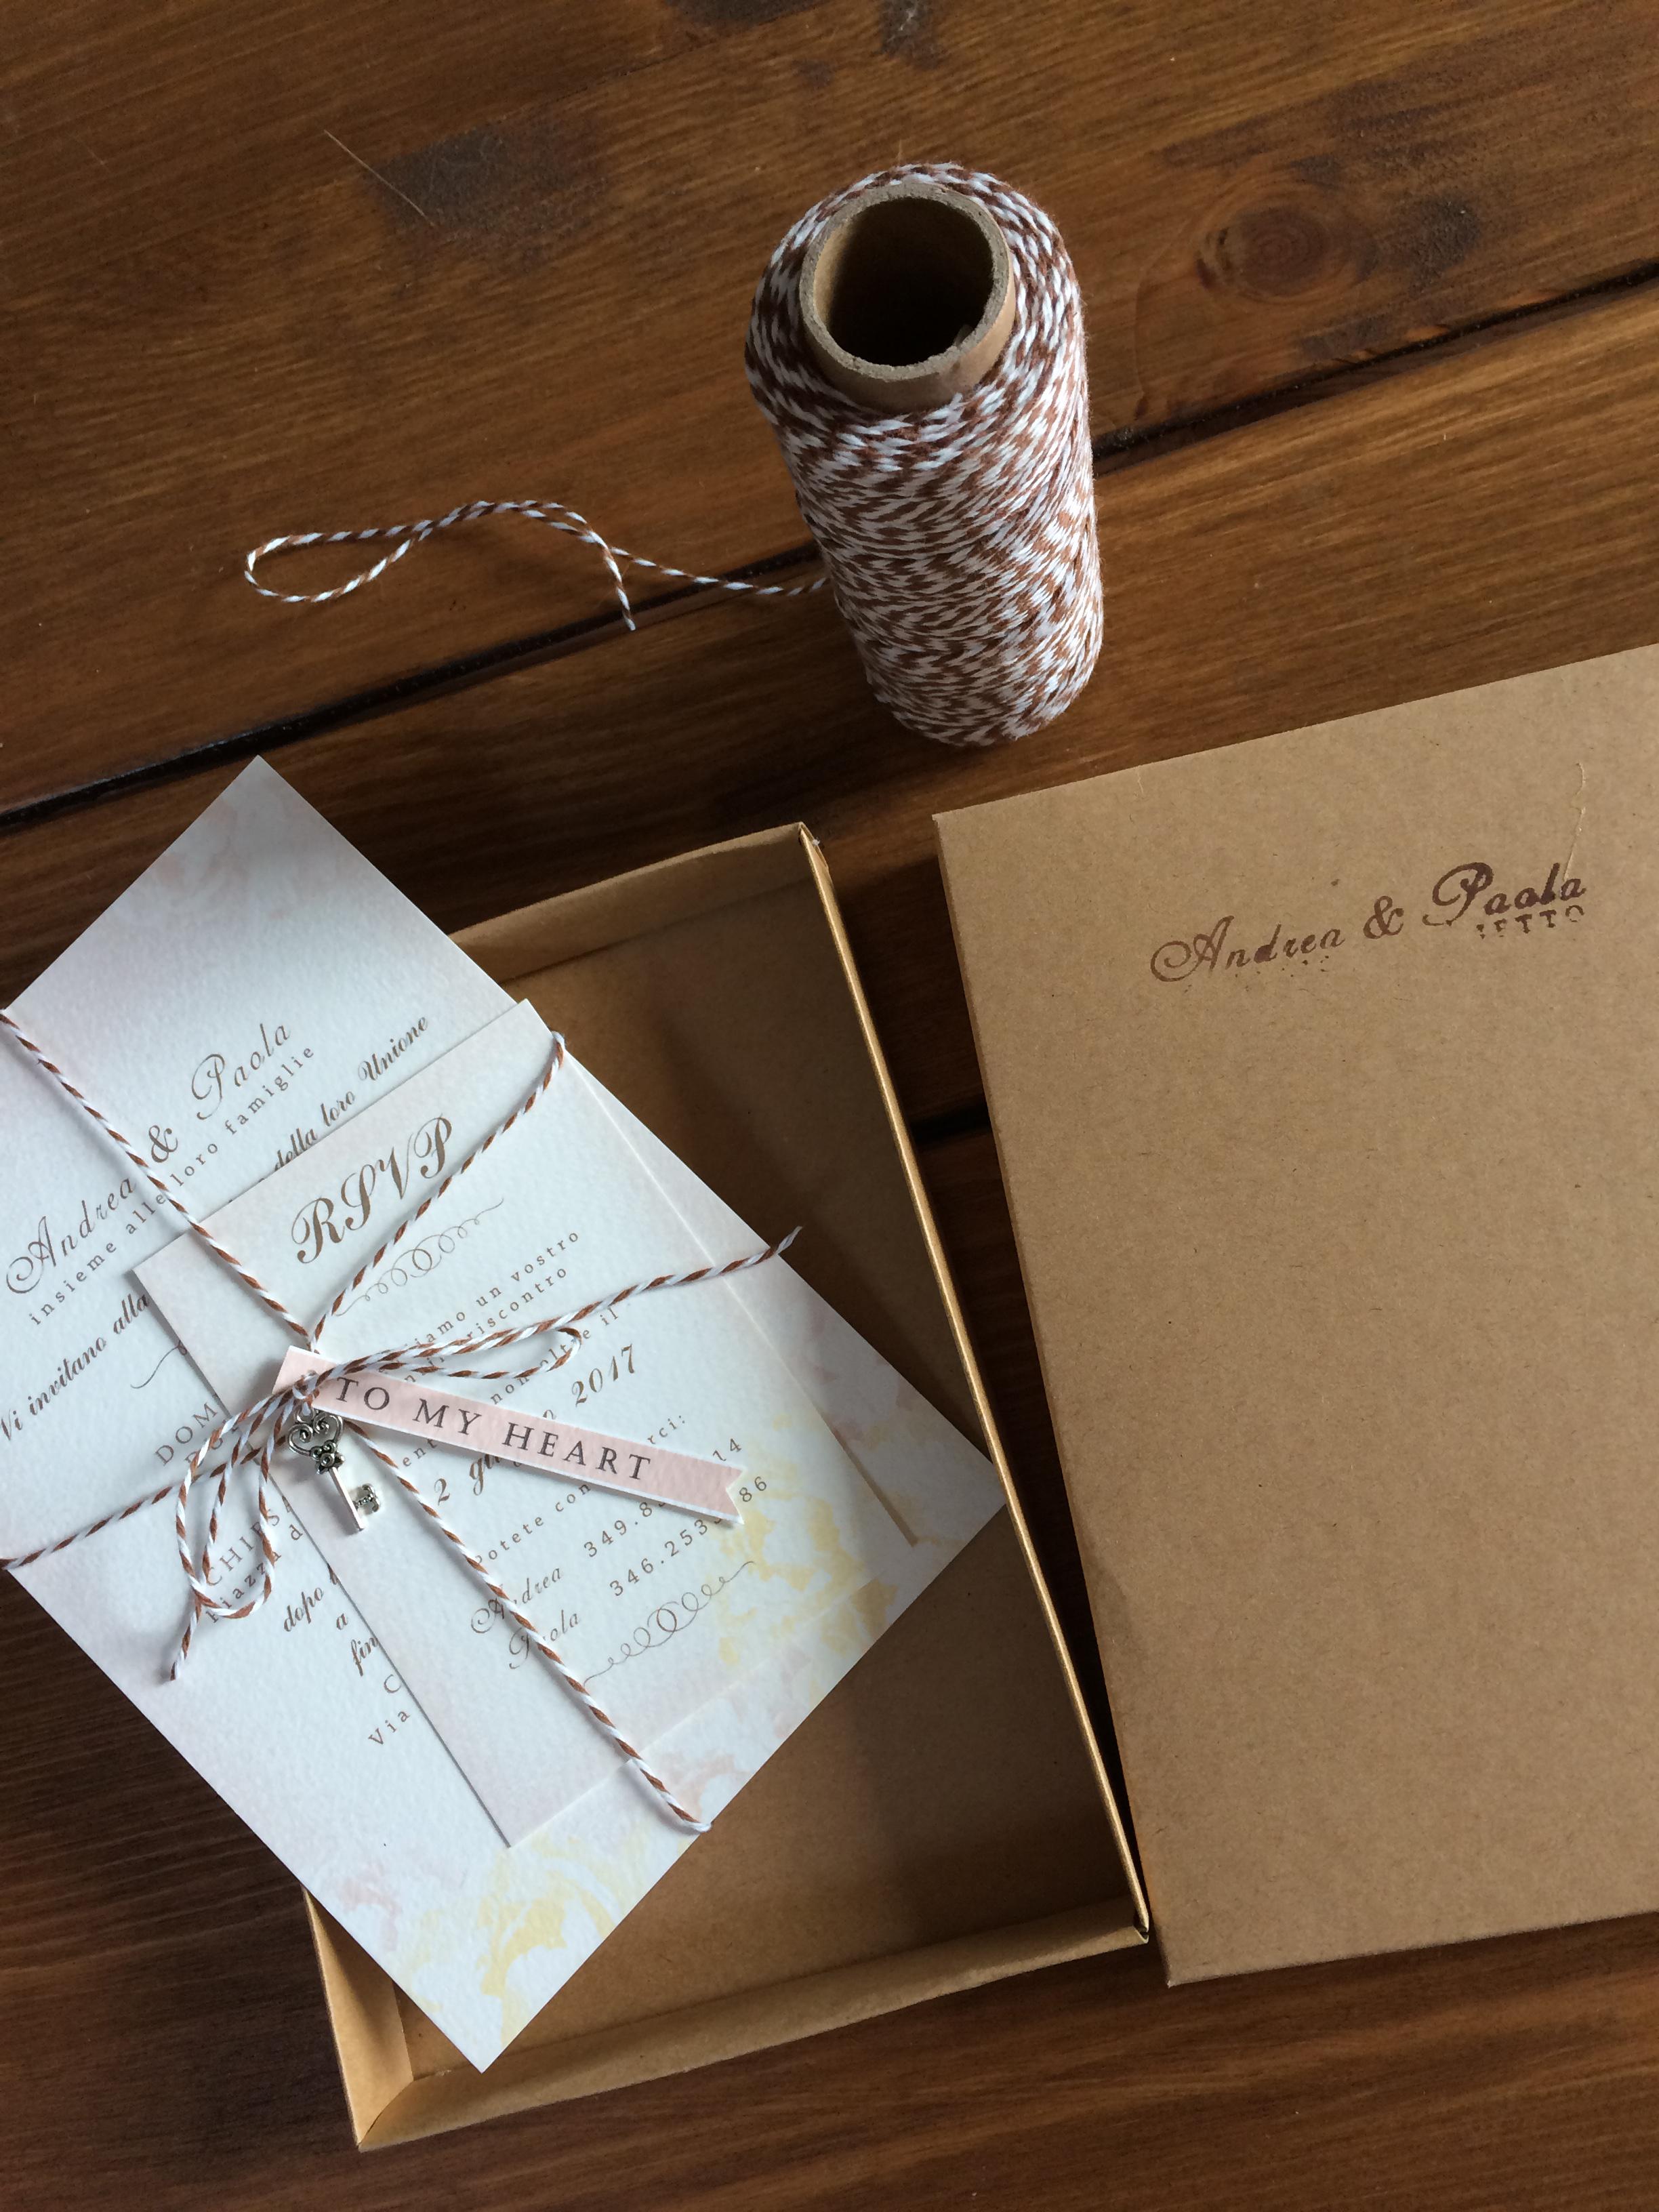 partecipazioni nozze in scatola stile chiave